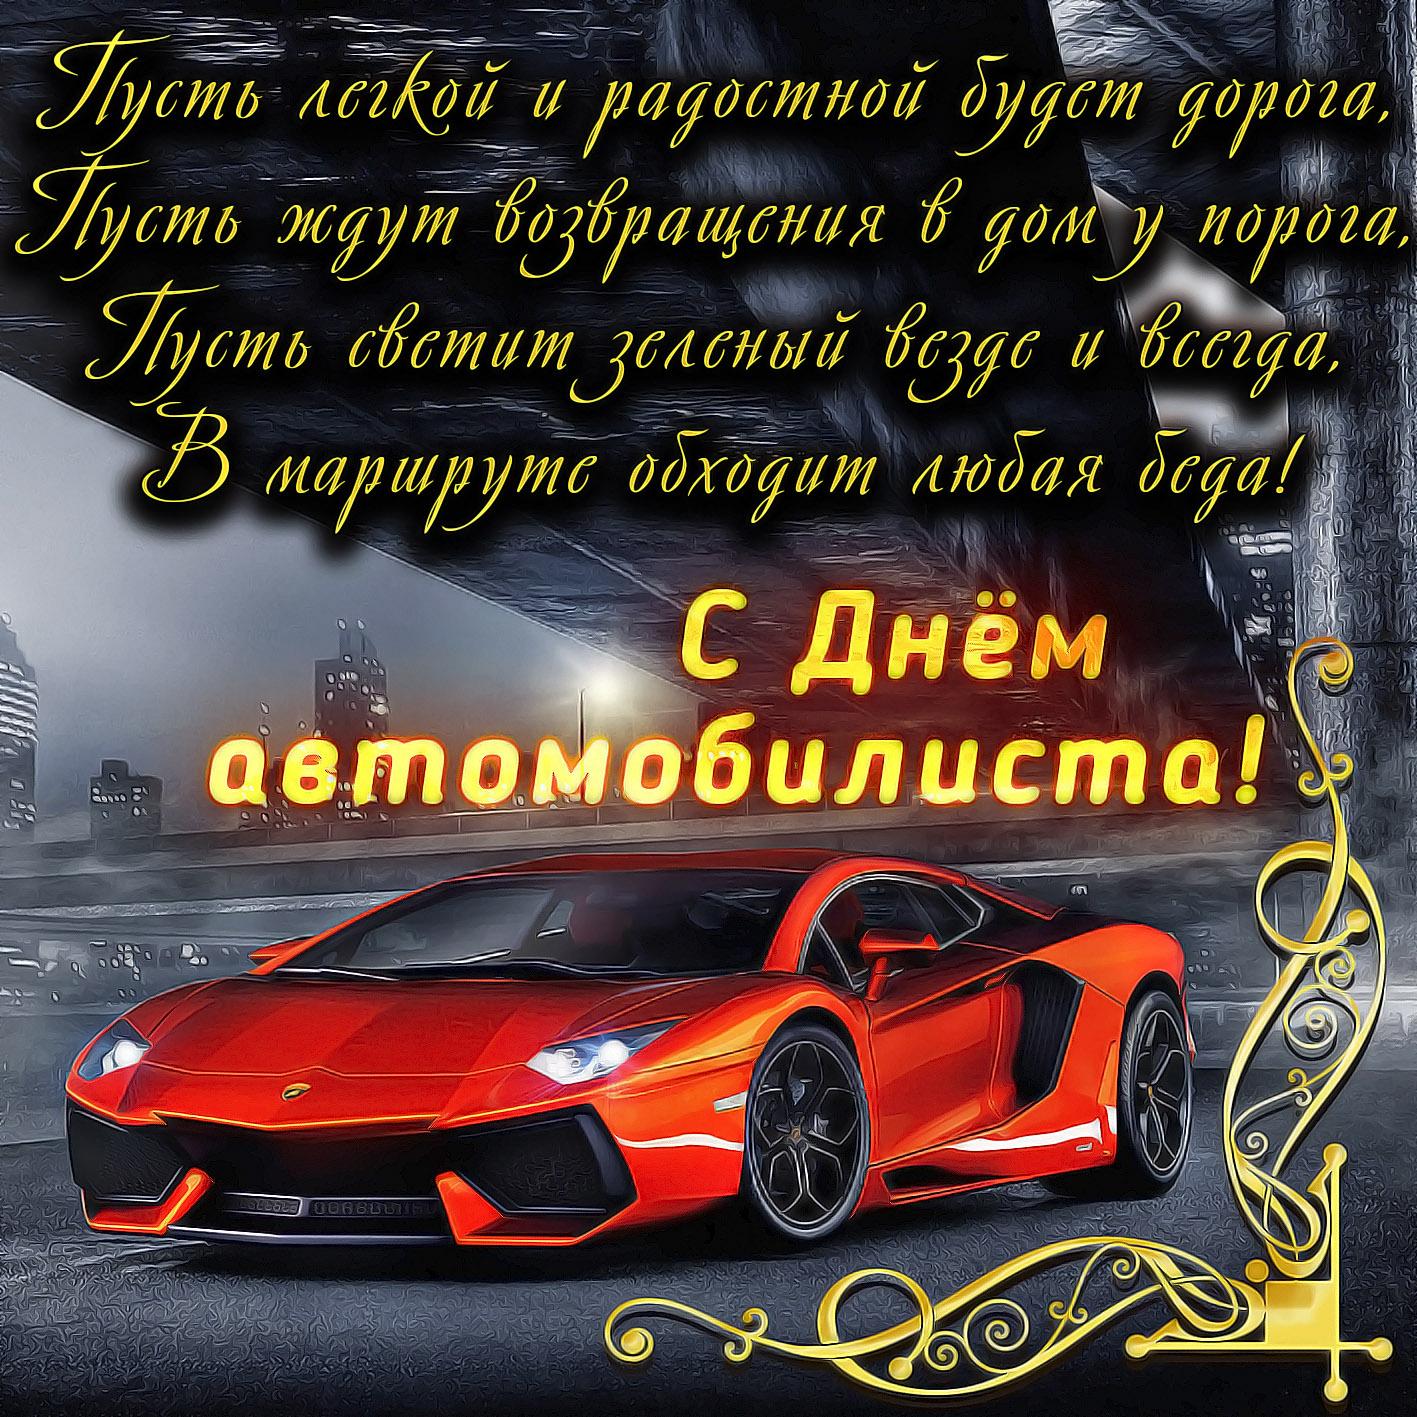 Картинки, поздравления автомобилистам в картинках